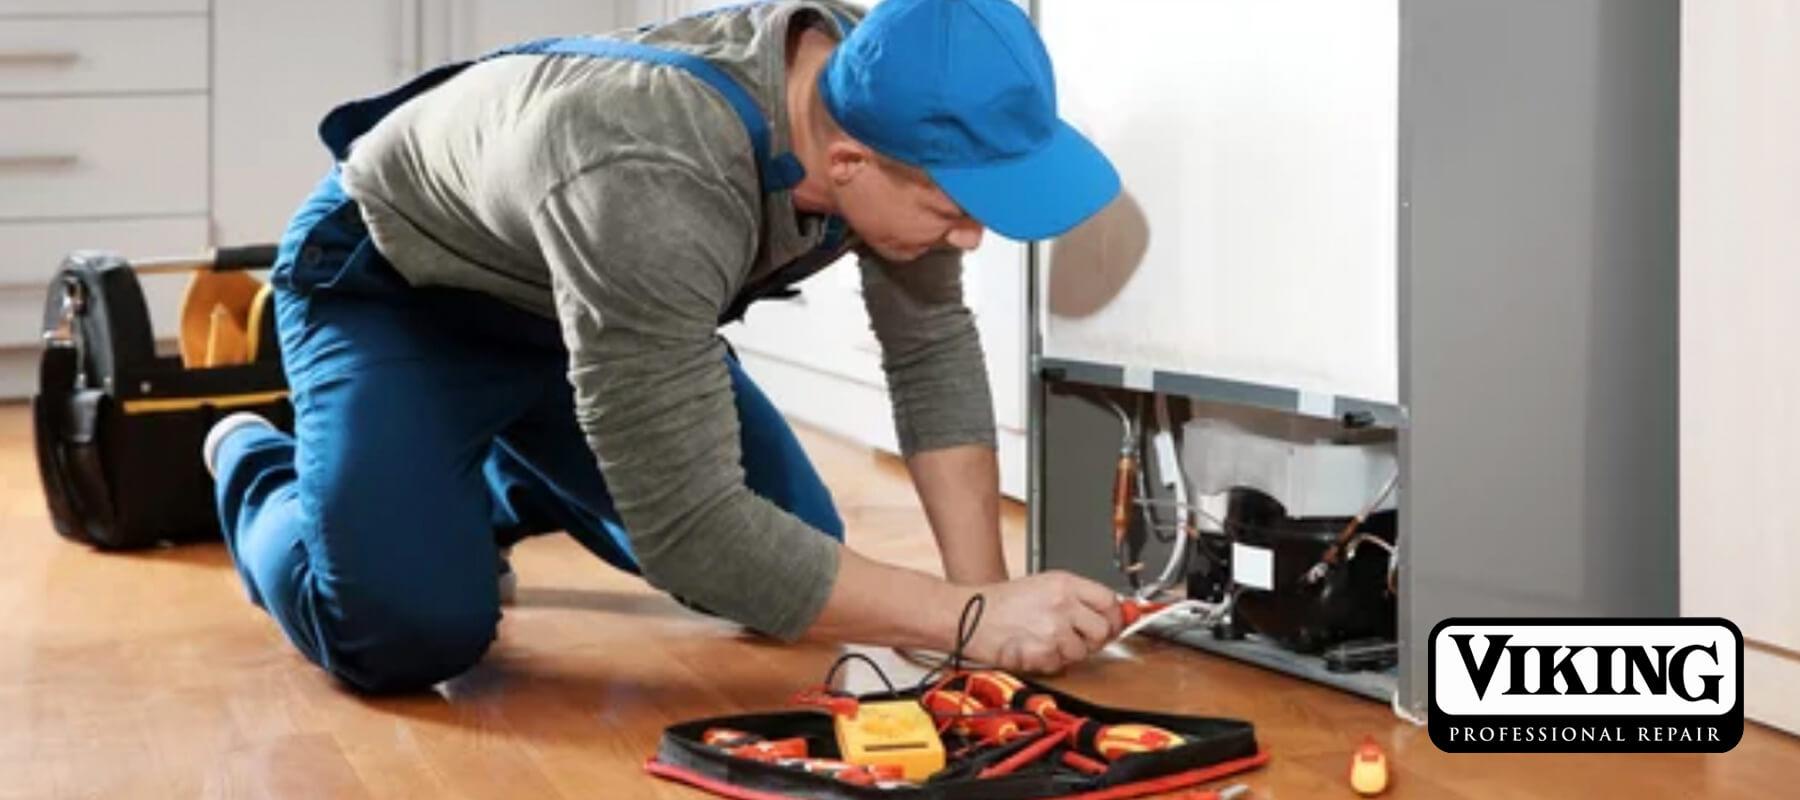 Certified Viking Appliance Repair San Jose | Professional Viking Repair